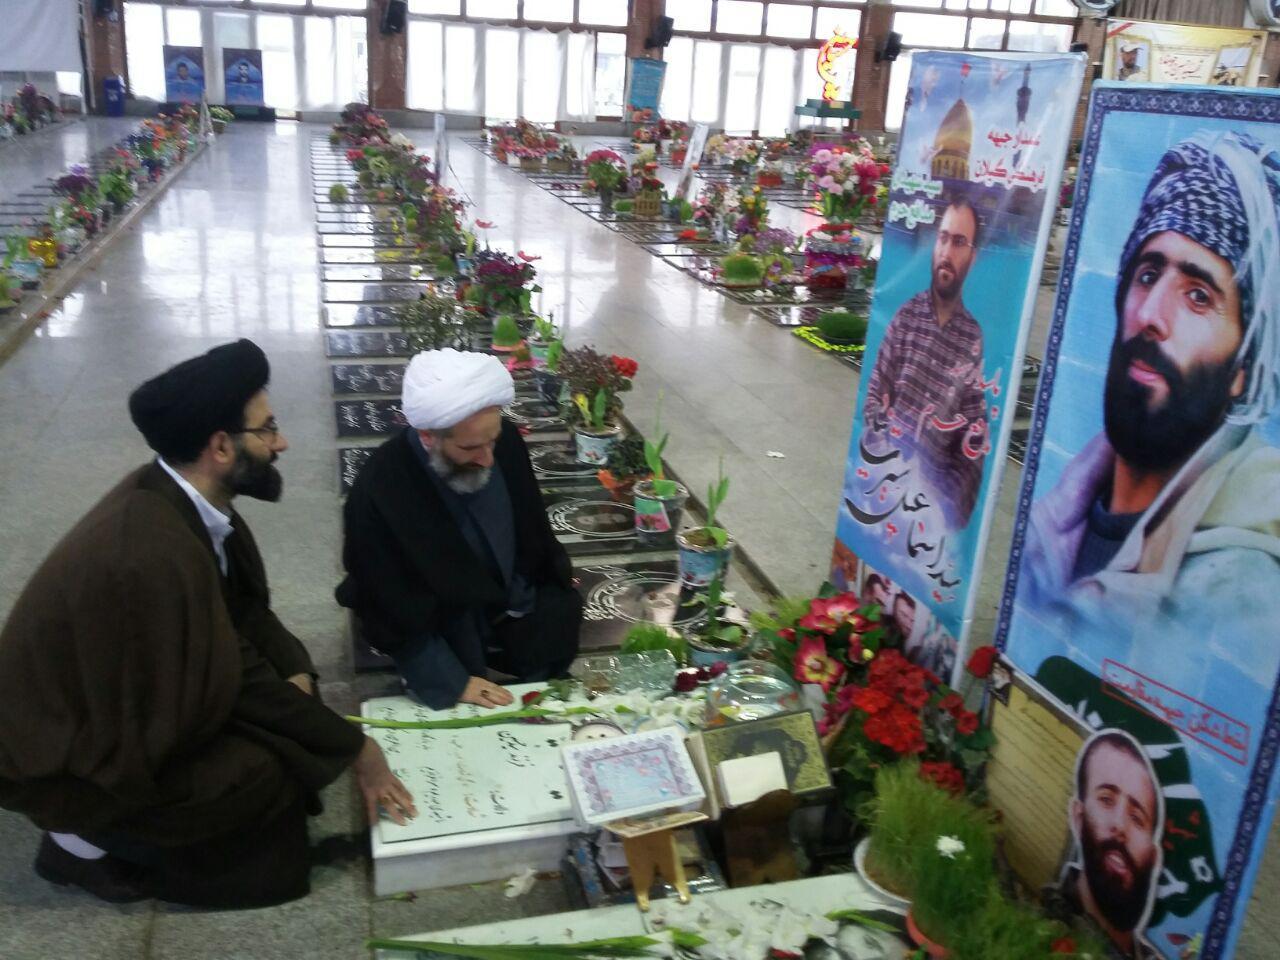 تجدید میثاق حجت الاسلام والمسلمین مهدوی با آرمان های شهدا در آغازین روزهای پذیرش مسئولیت + تصاویر